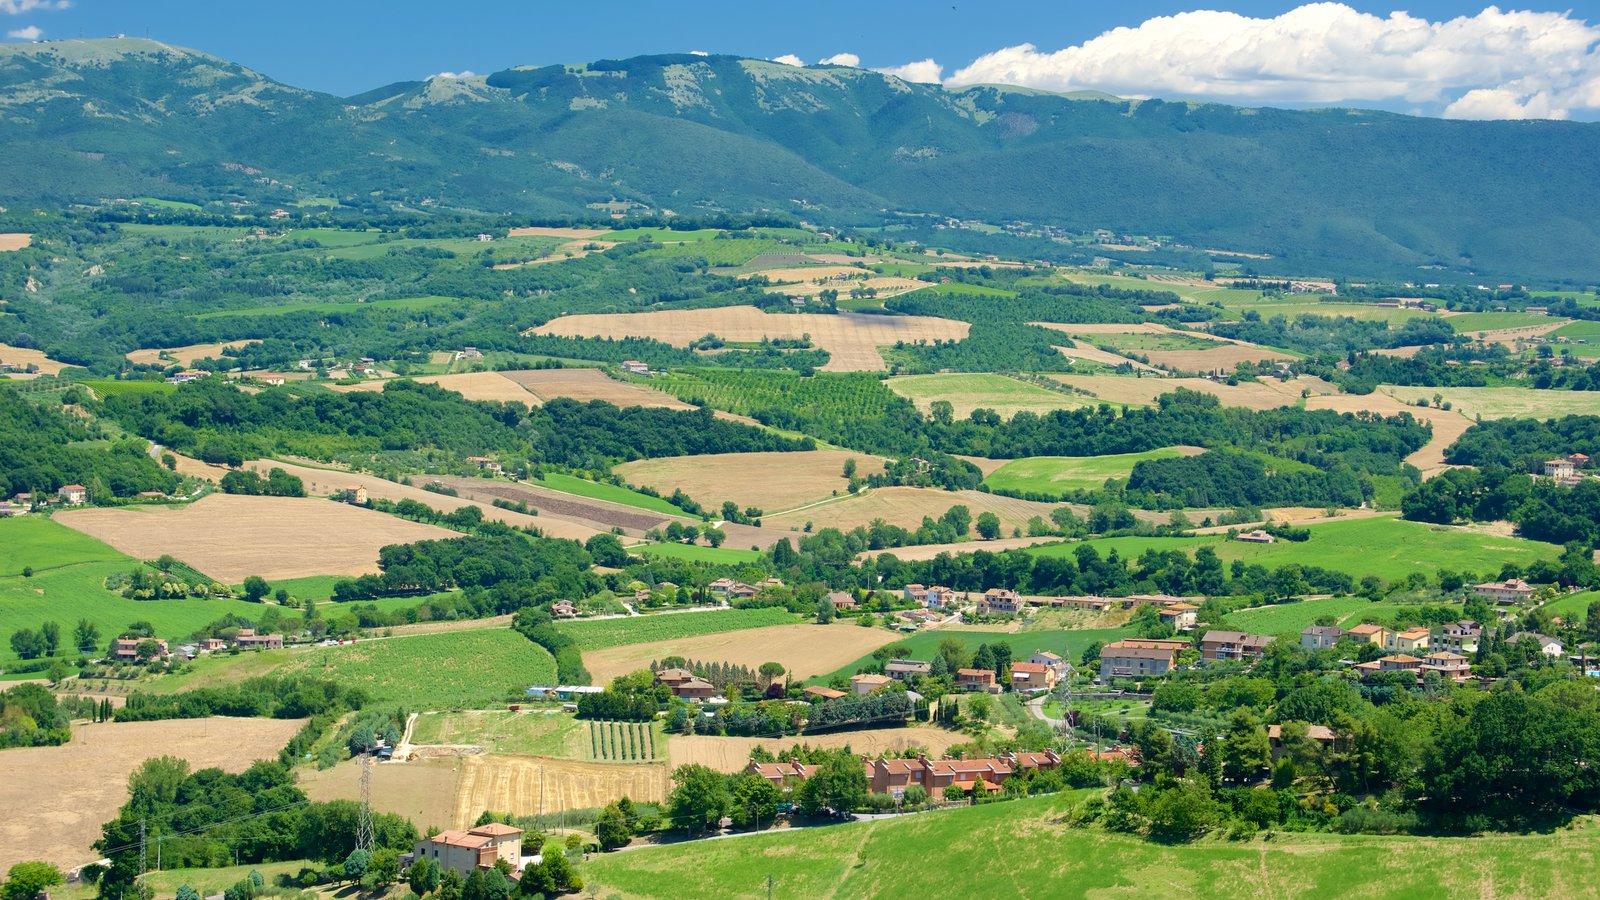 Todi que incluye vistas de paisajes